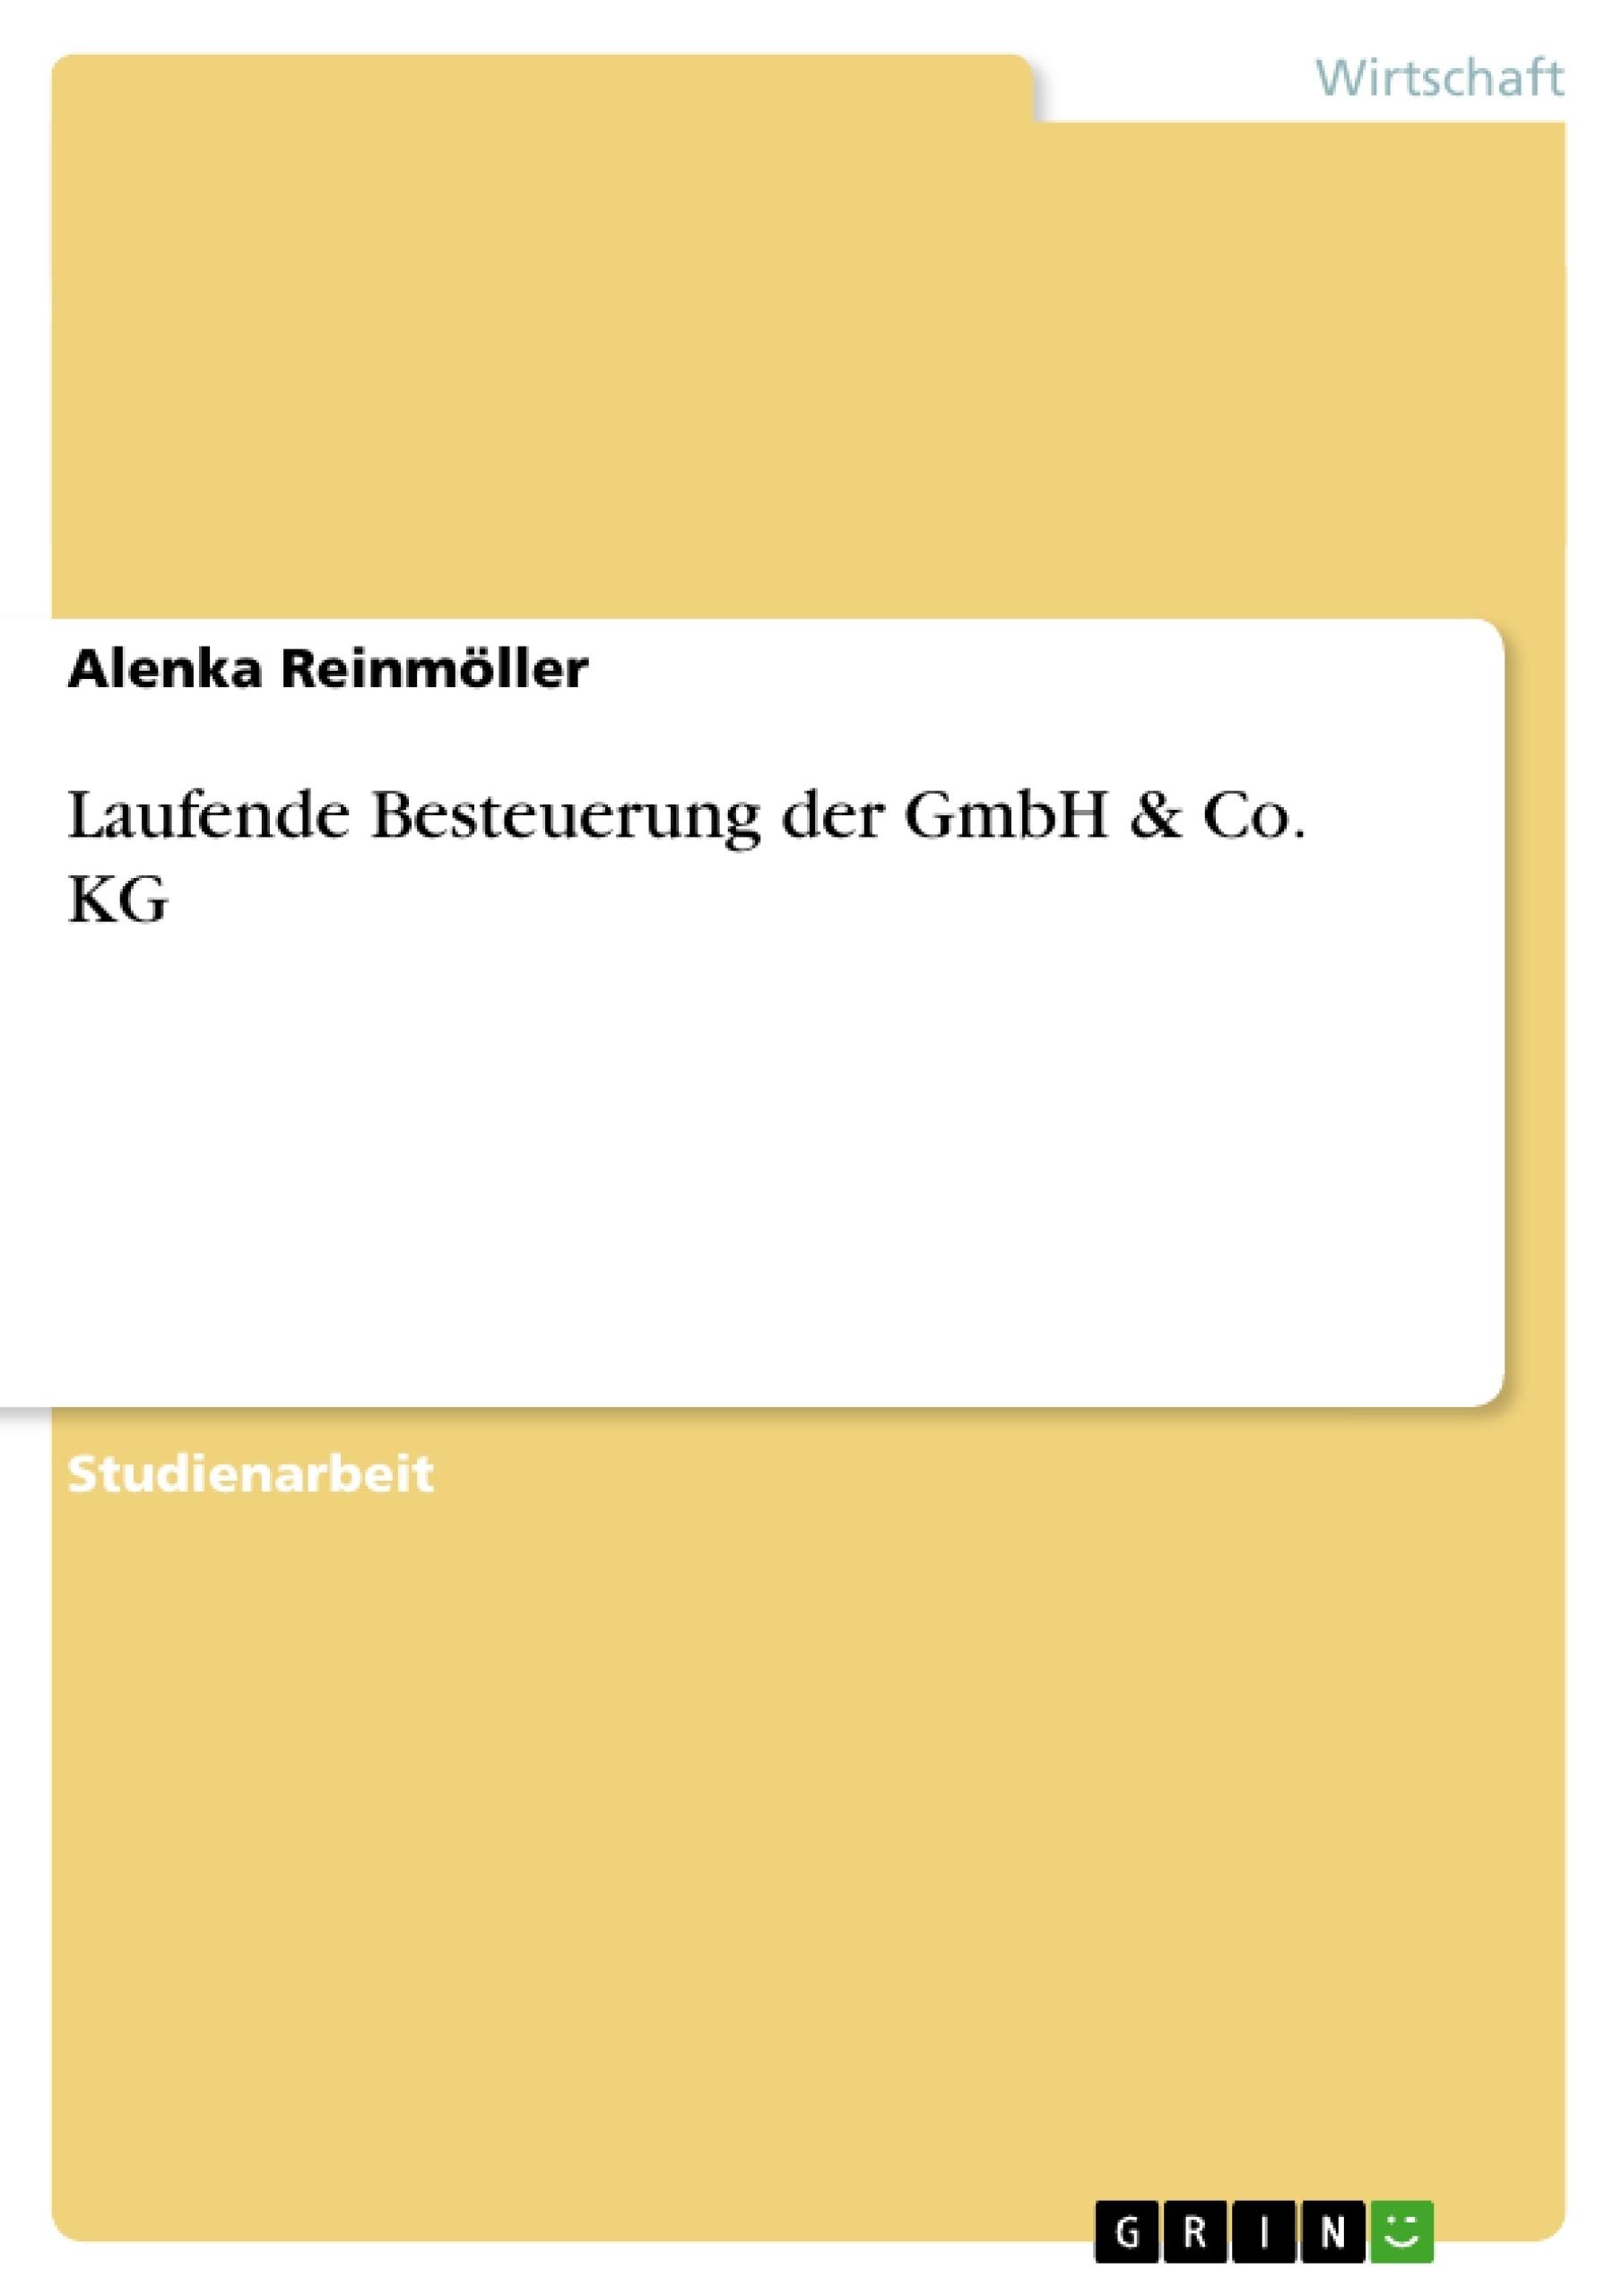 Titel: Laufende Besteuerung der GmbH & Co. KG